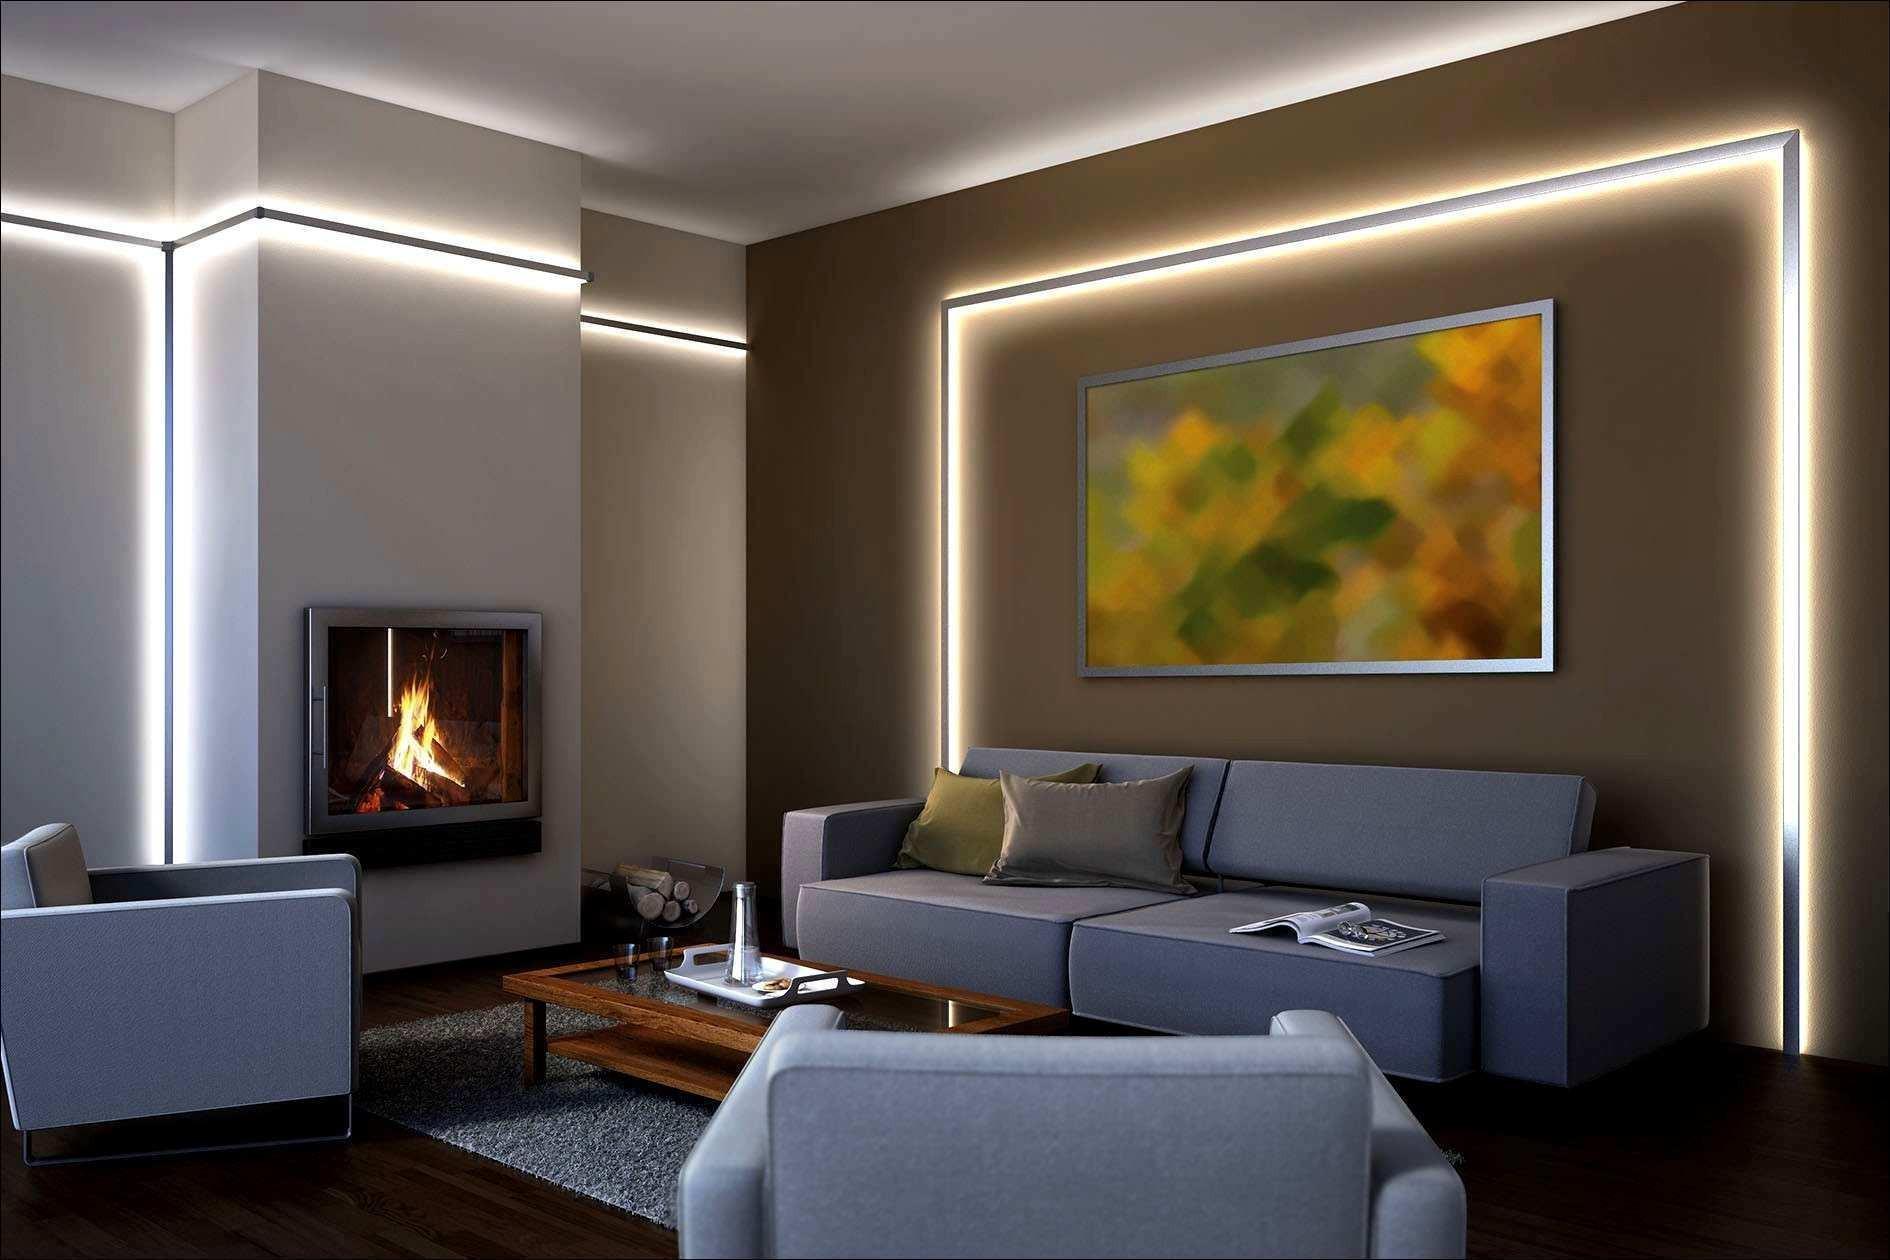 Indirekte Beleuchtung Decke  Indirekte Beleuchtung Abgehängte Decke Foto – Ausmalbilder